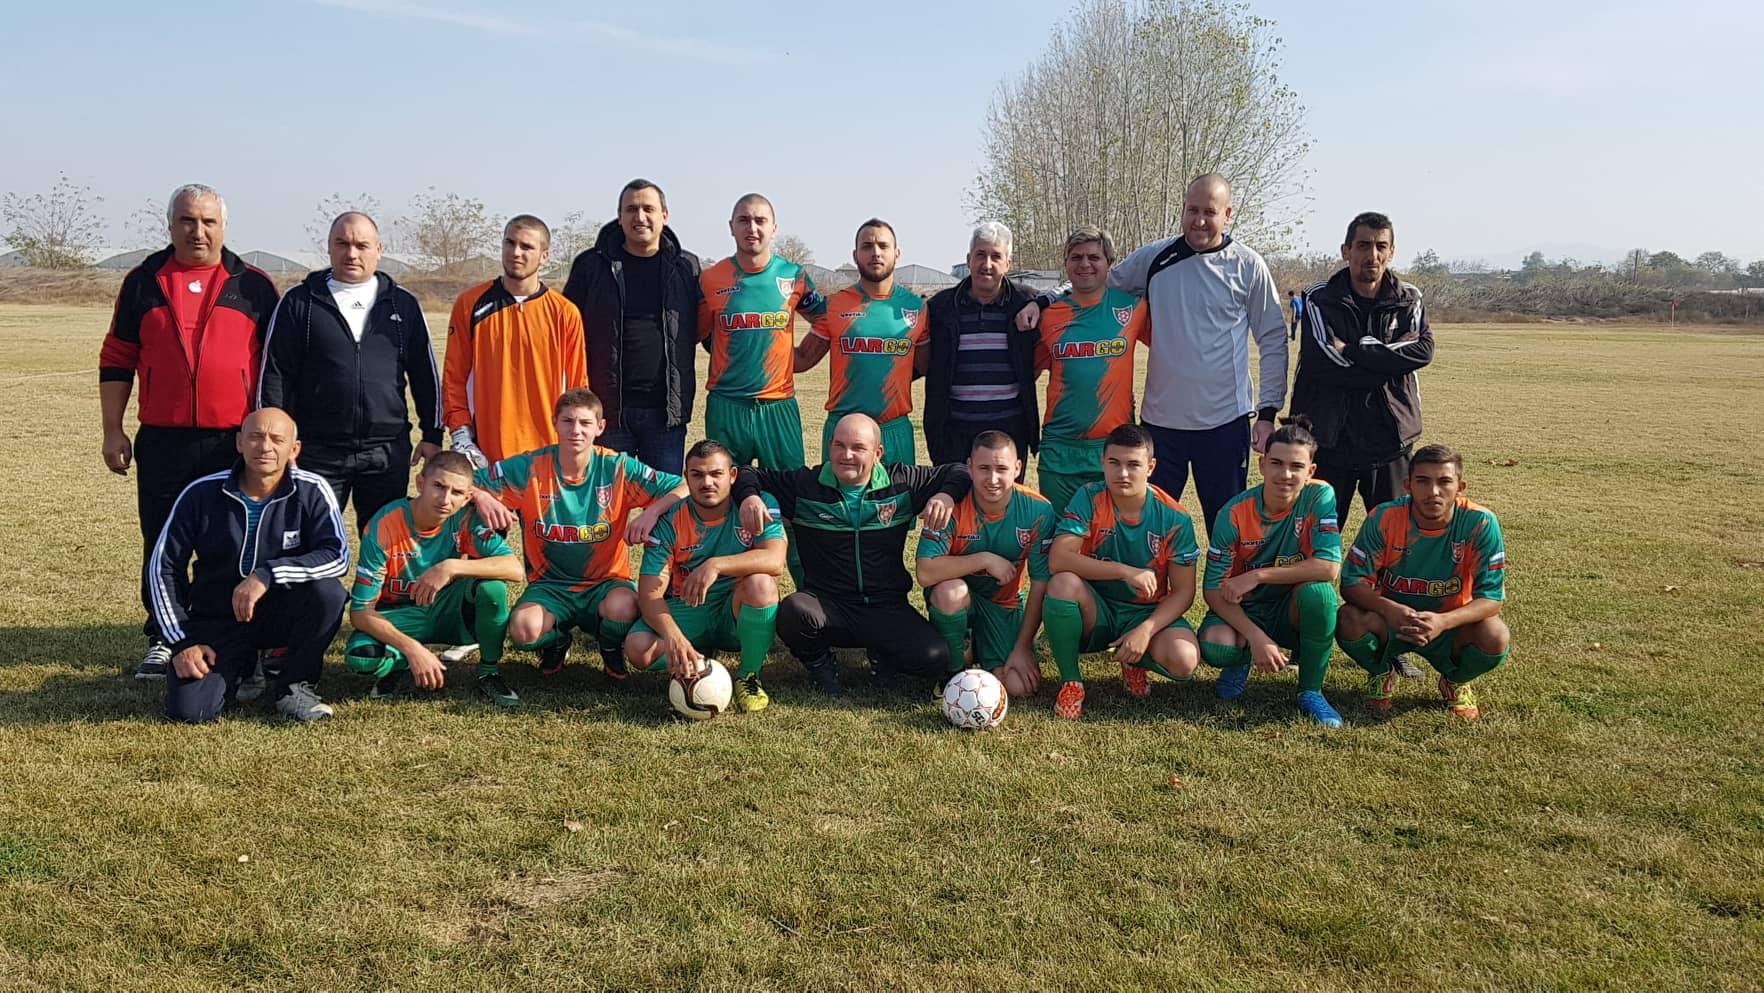 Отборът на Атлетик игра с новите екипи, подарени през седмицата от президента на Хебър Найден Шопов. Снимка: Атлетик (Мокрище).